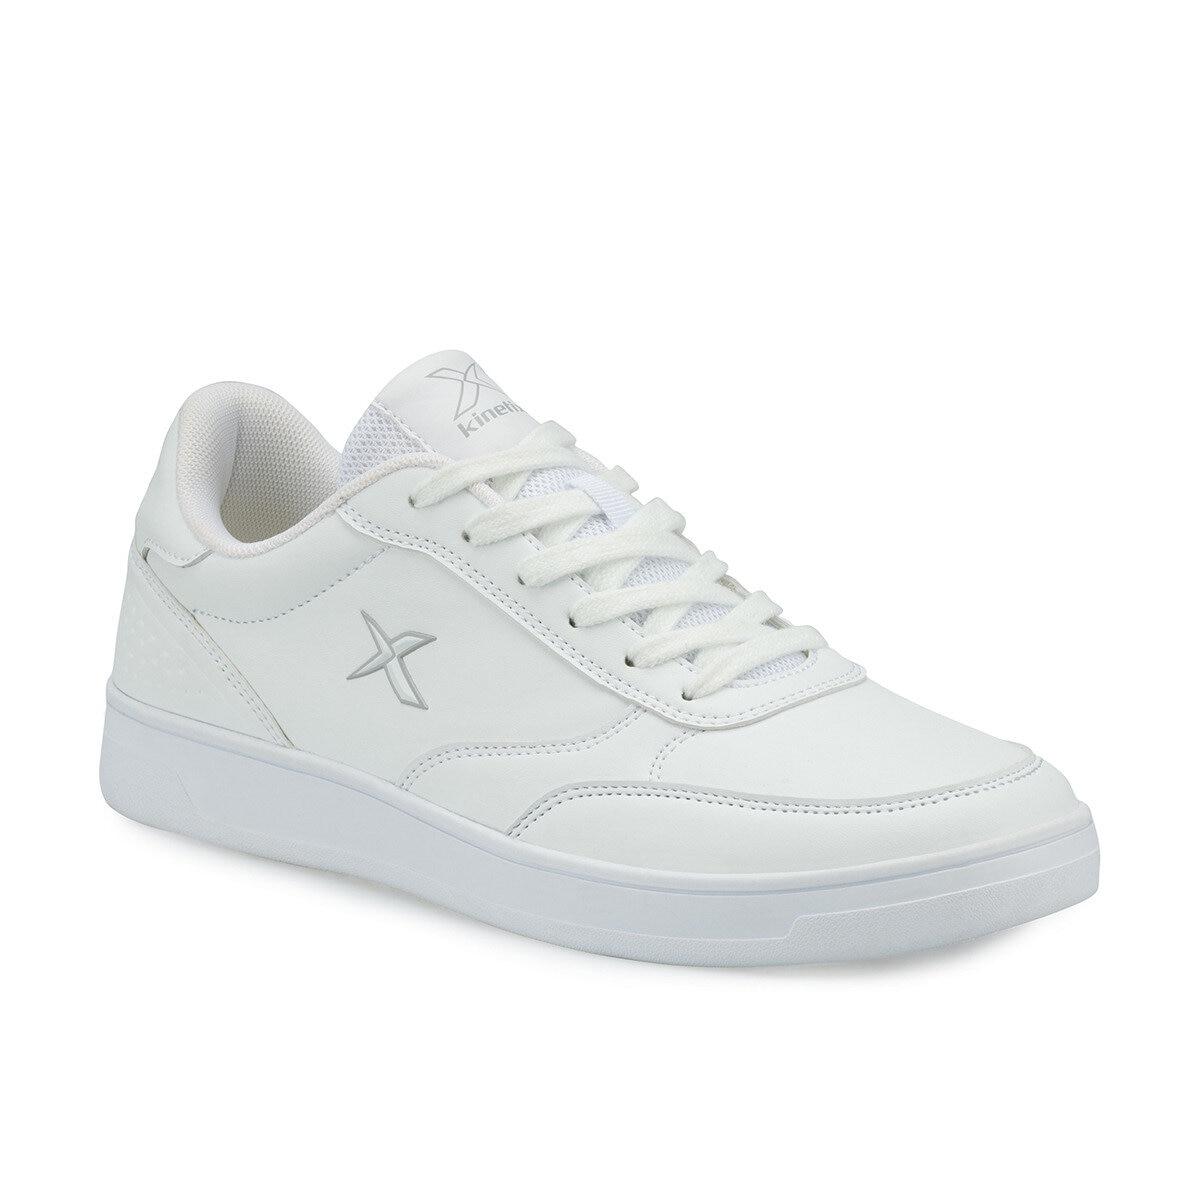 FLO KARL PU M White Men 'S Sneaker Shoes KINETIX